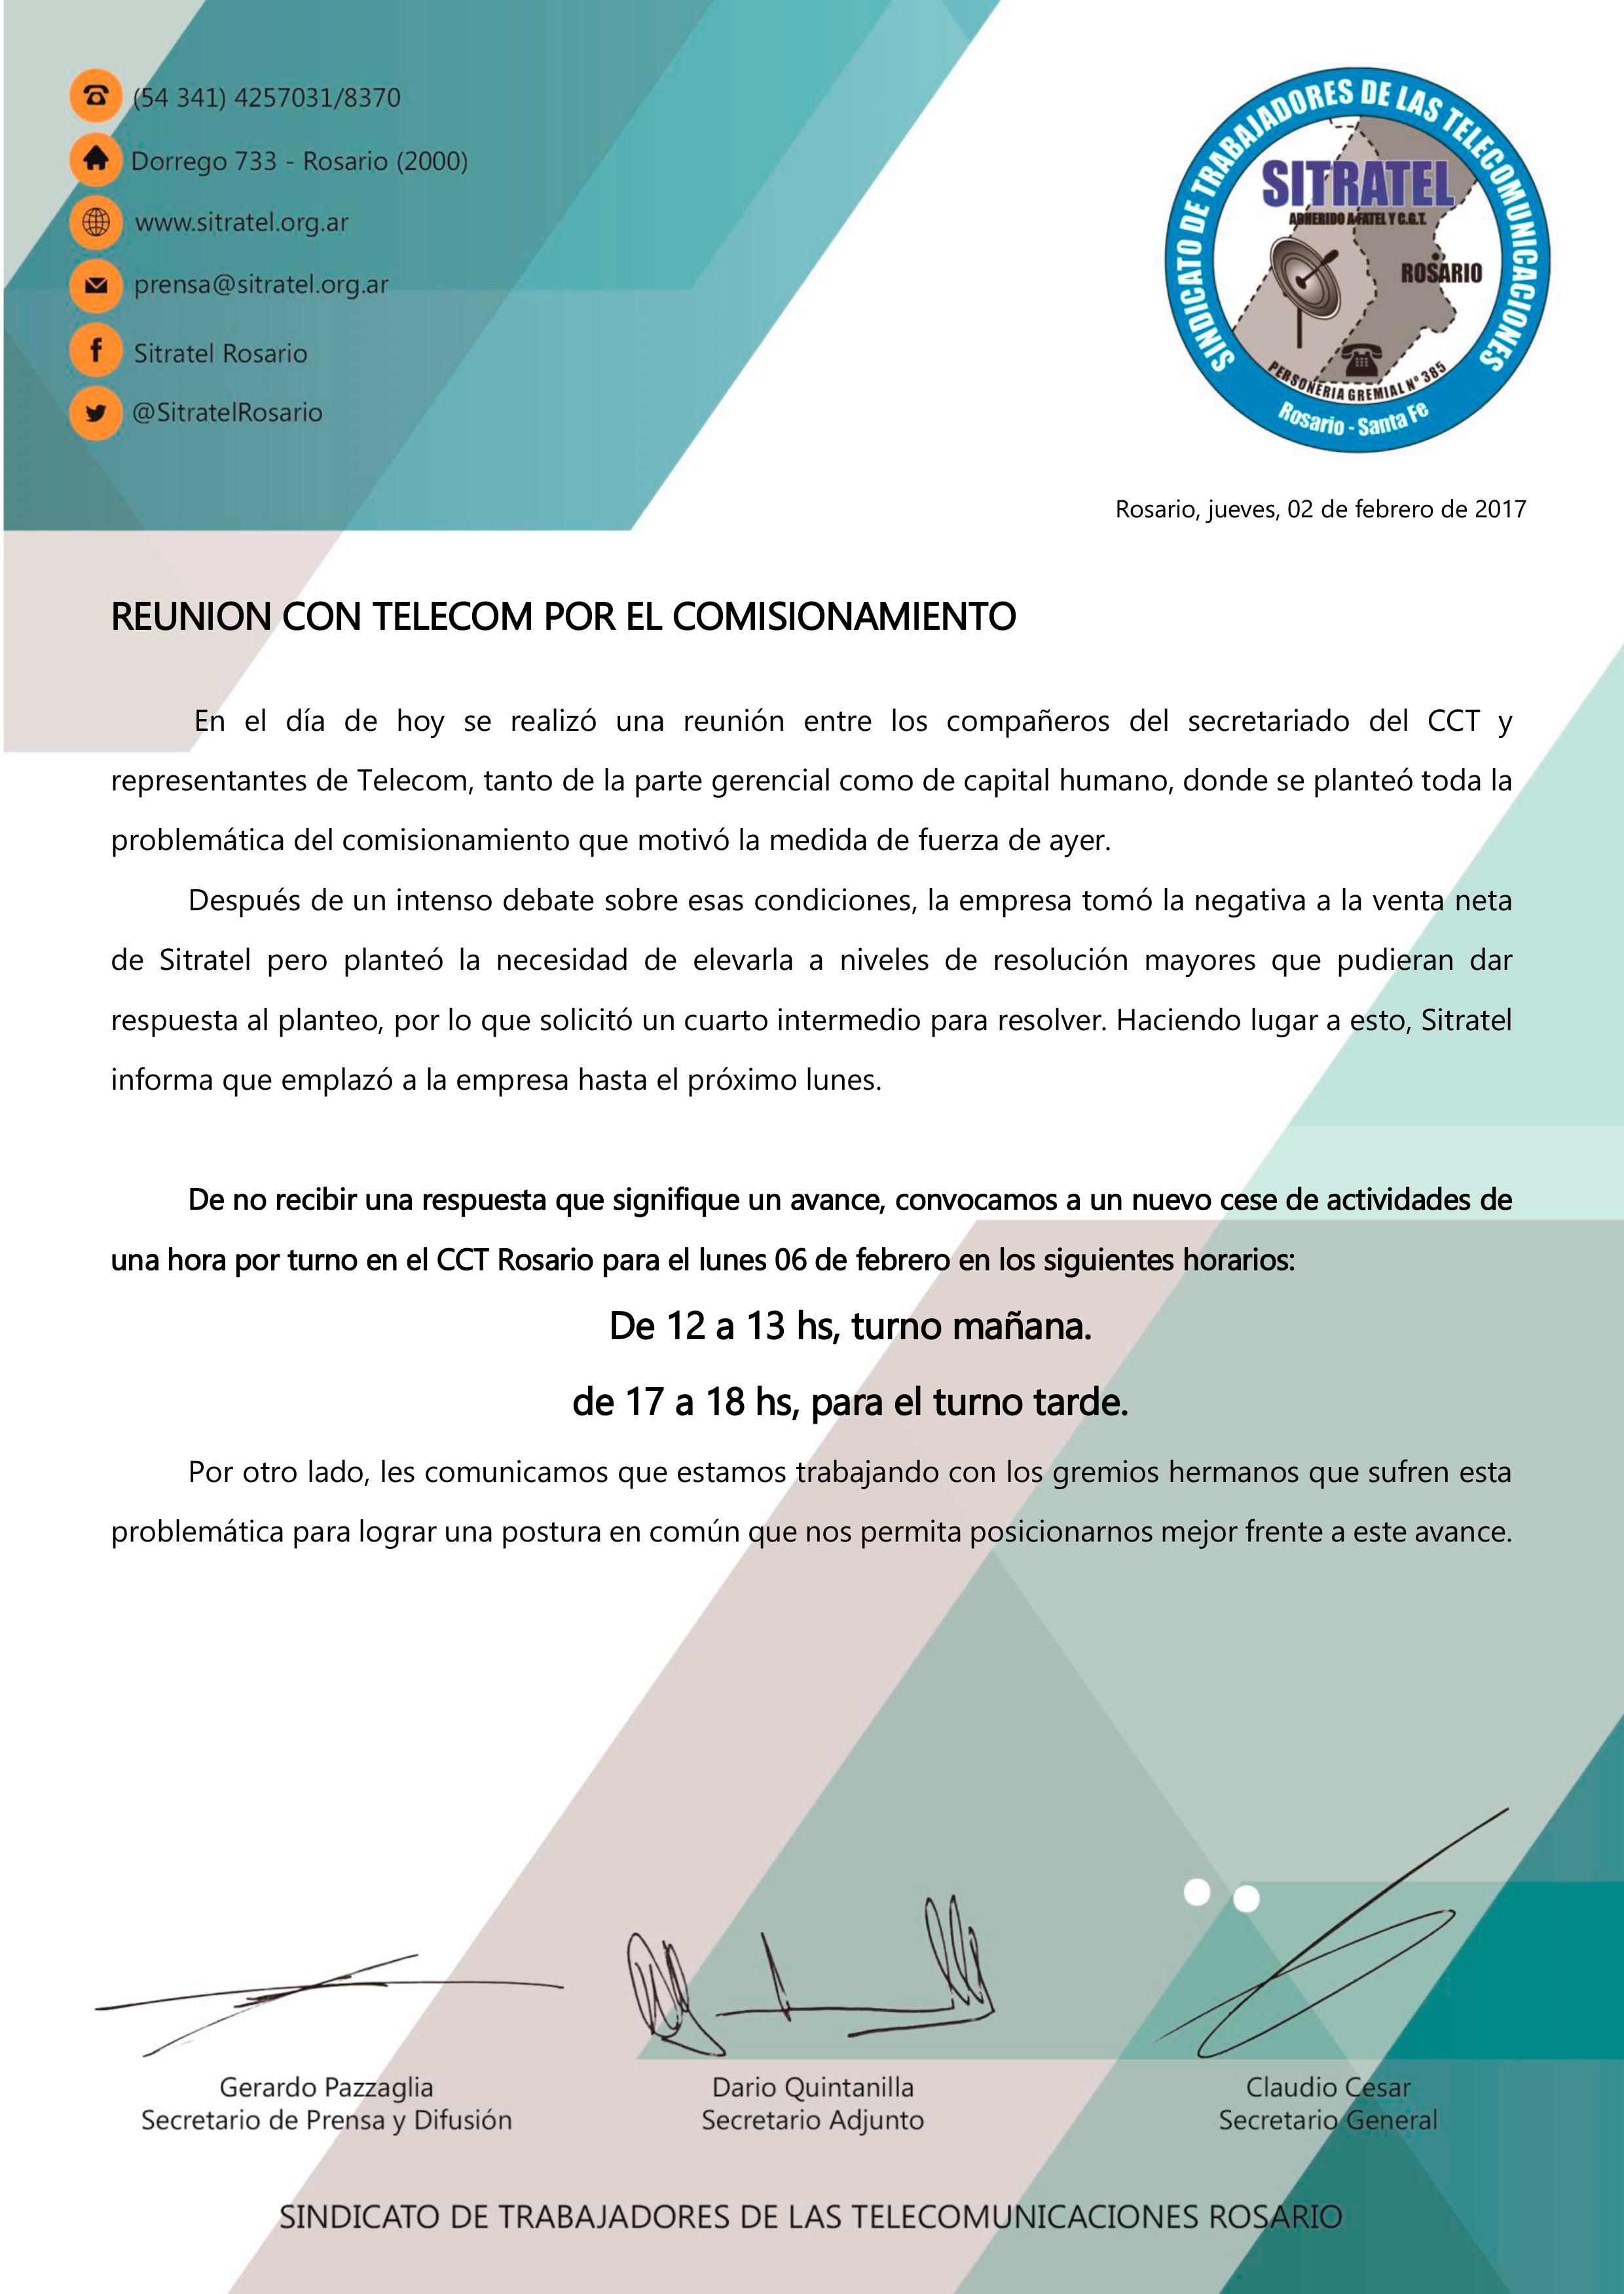 Reunion-con-Telecom-por--el-Comisionamiento